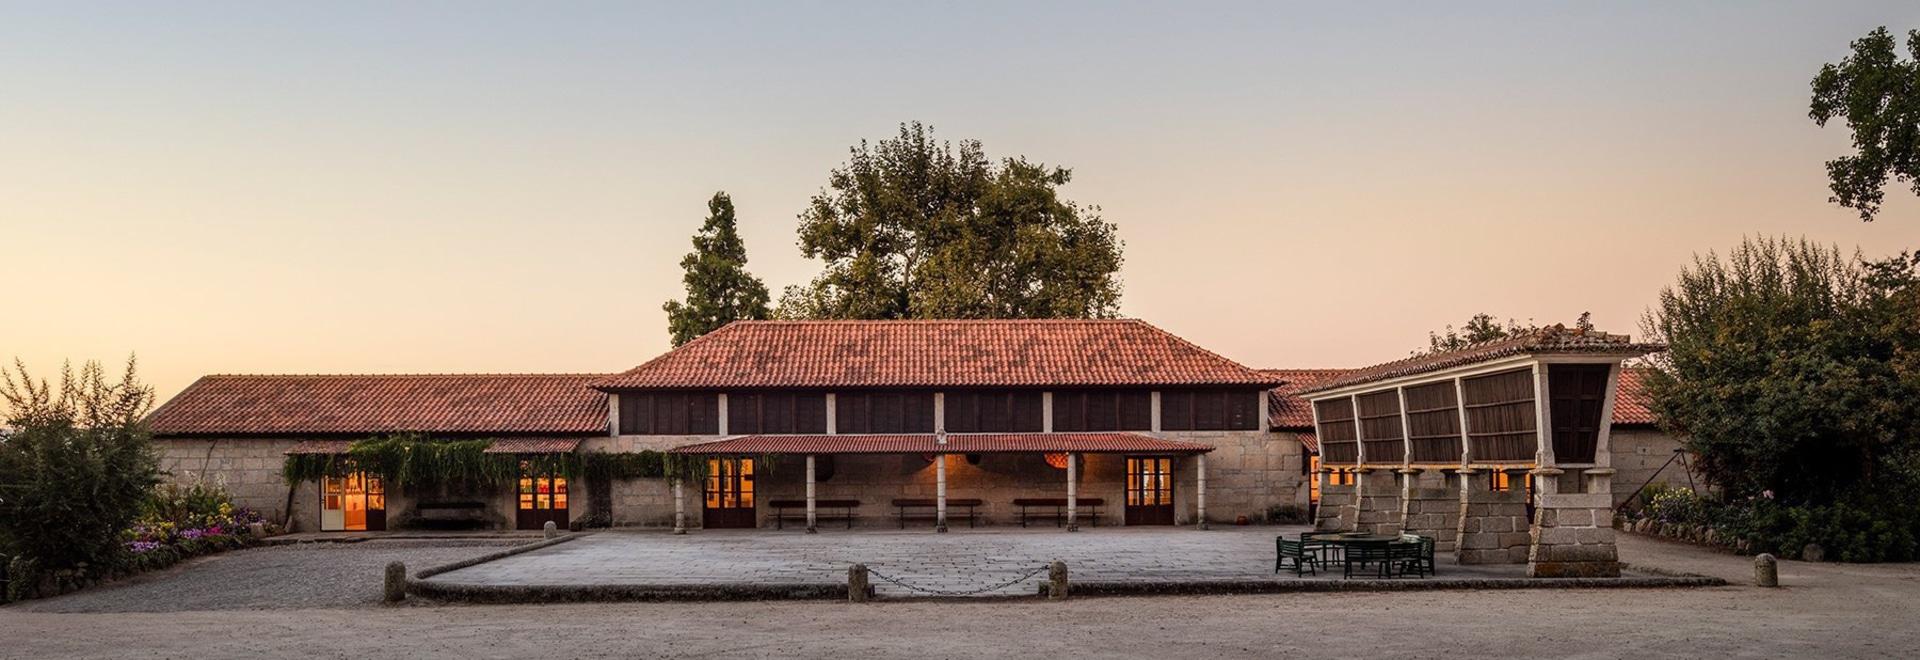 le studio aguiar de Diogo convertit la grange hors d'usage en établissement vinicole au Portugal du nord pastoral